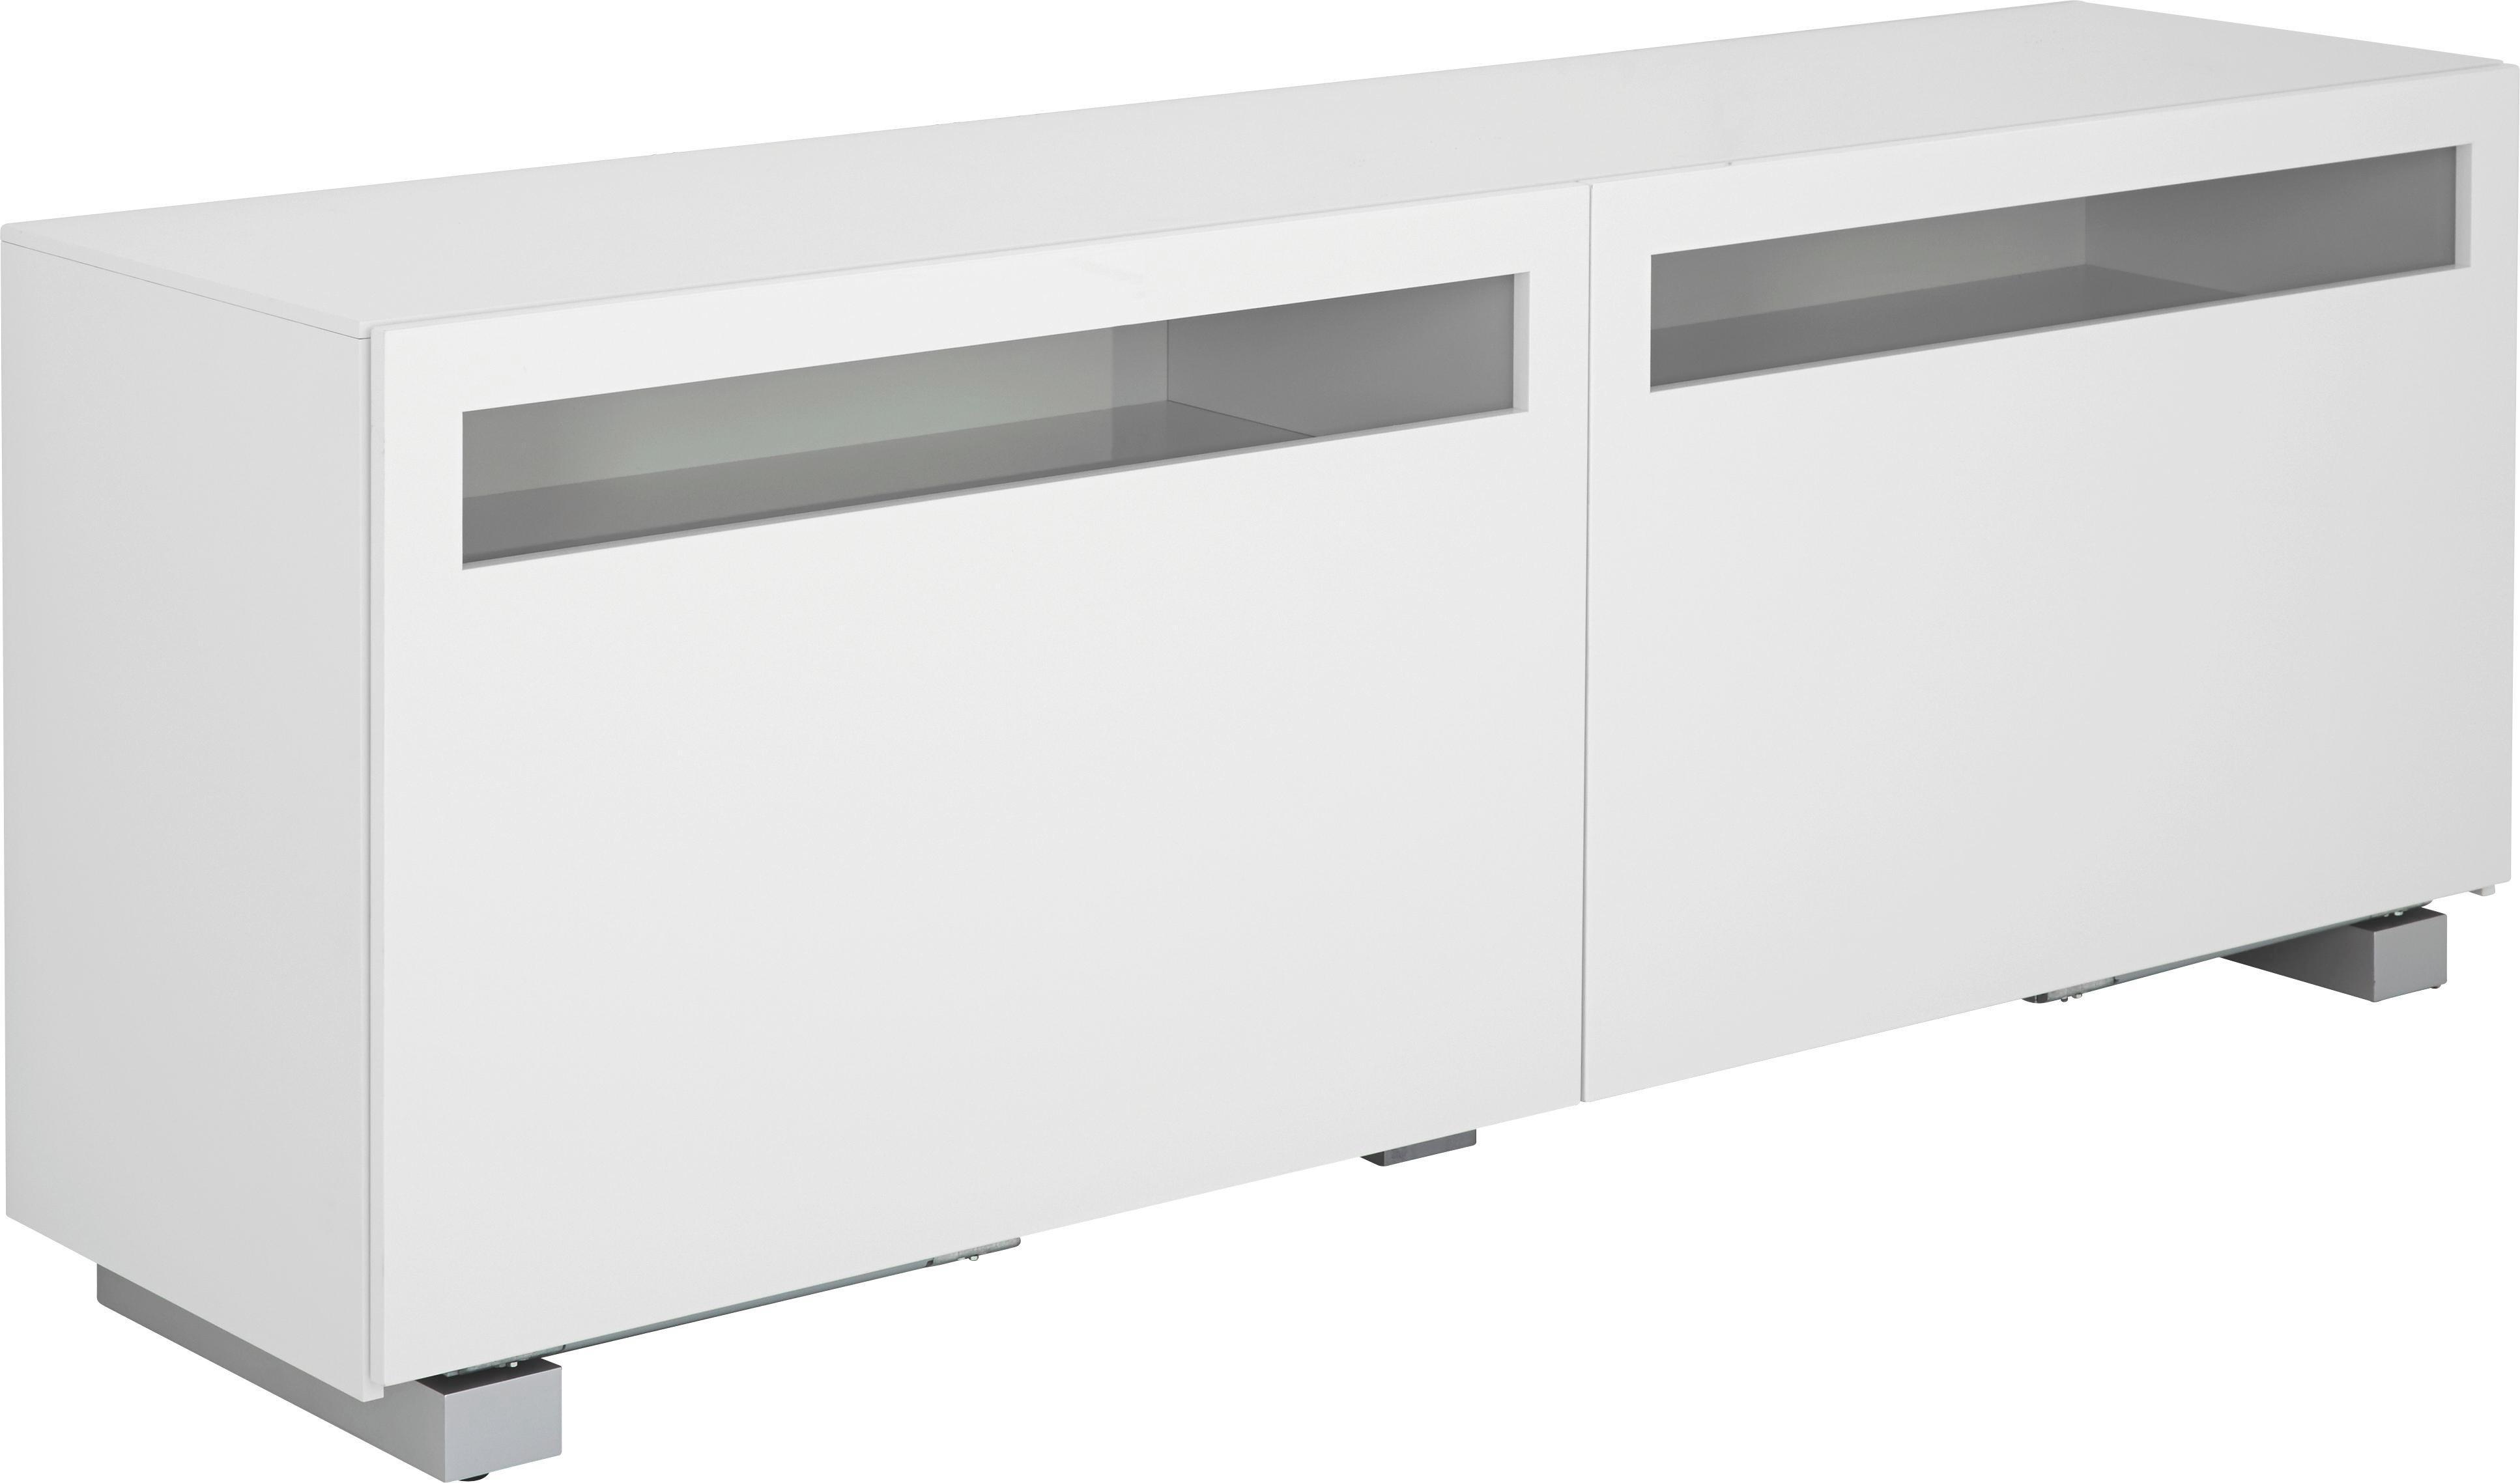 Bezaubernd Hülsta Now Lowboard Dekoration Von Best Sideboard Hochglanz Lackiert Wei Design With